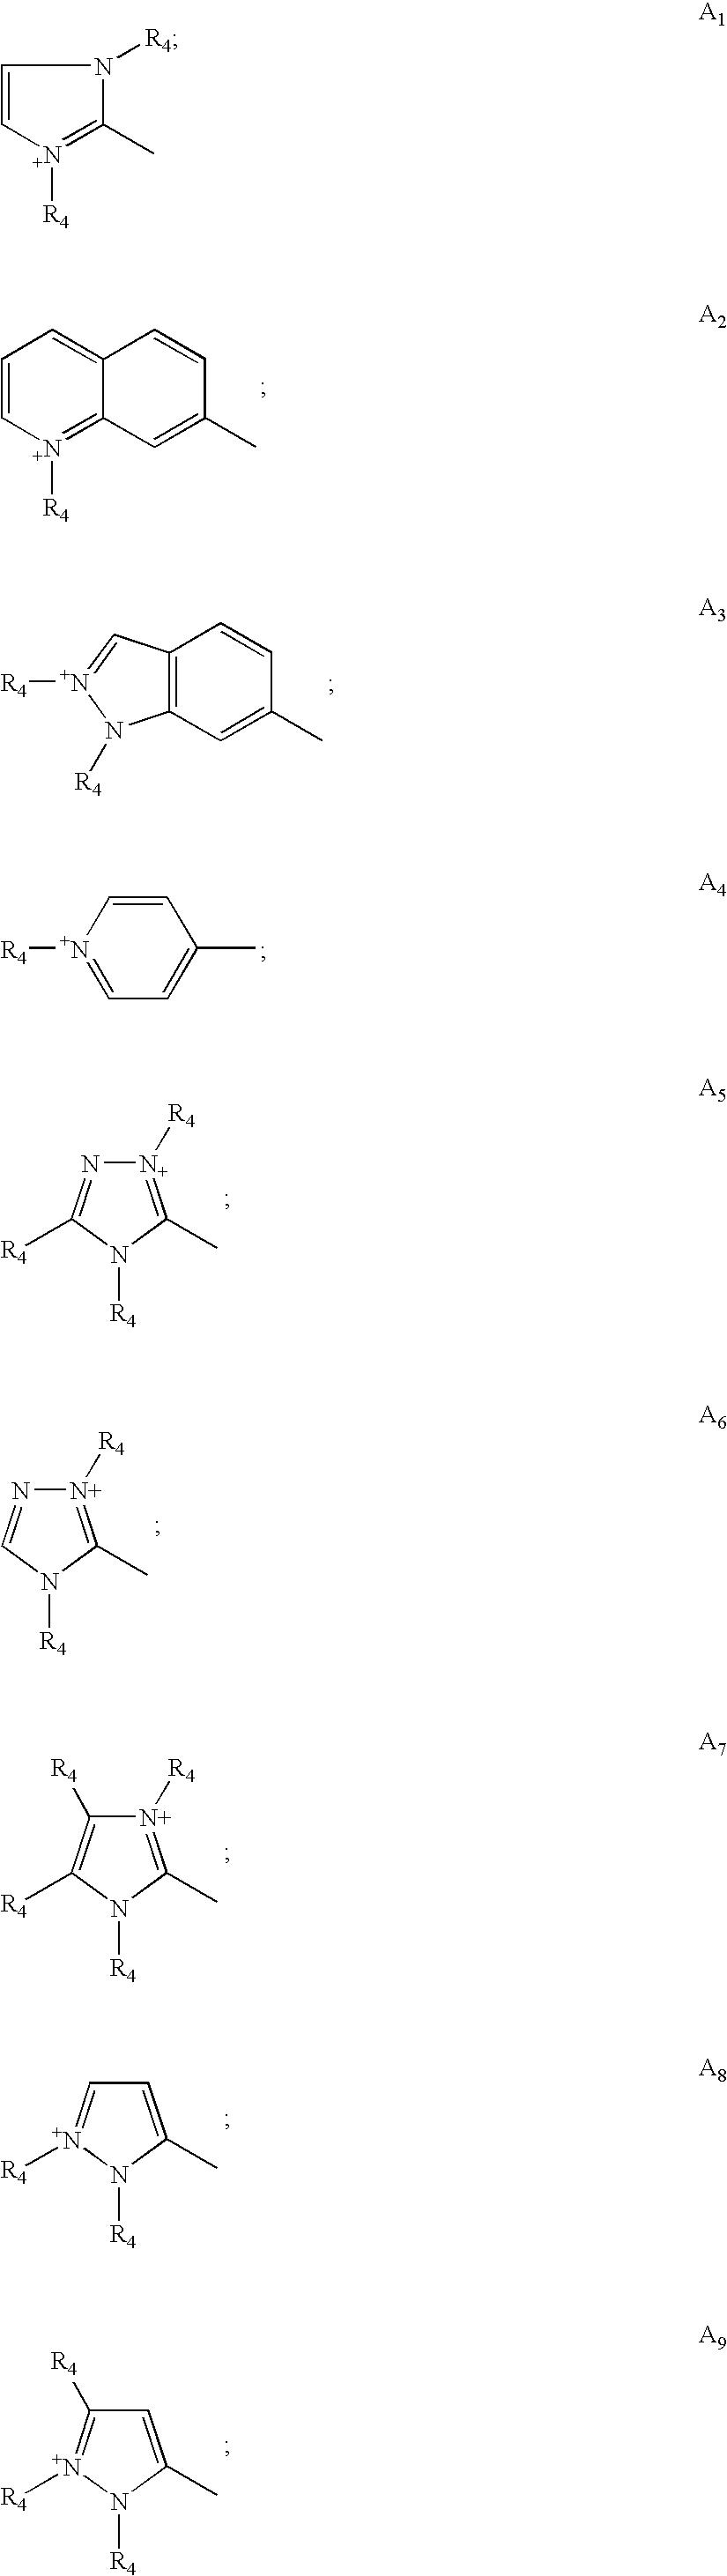 Figure US07901464-20110308-C00003